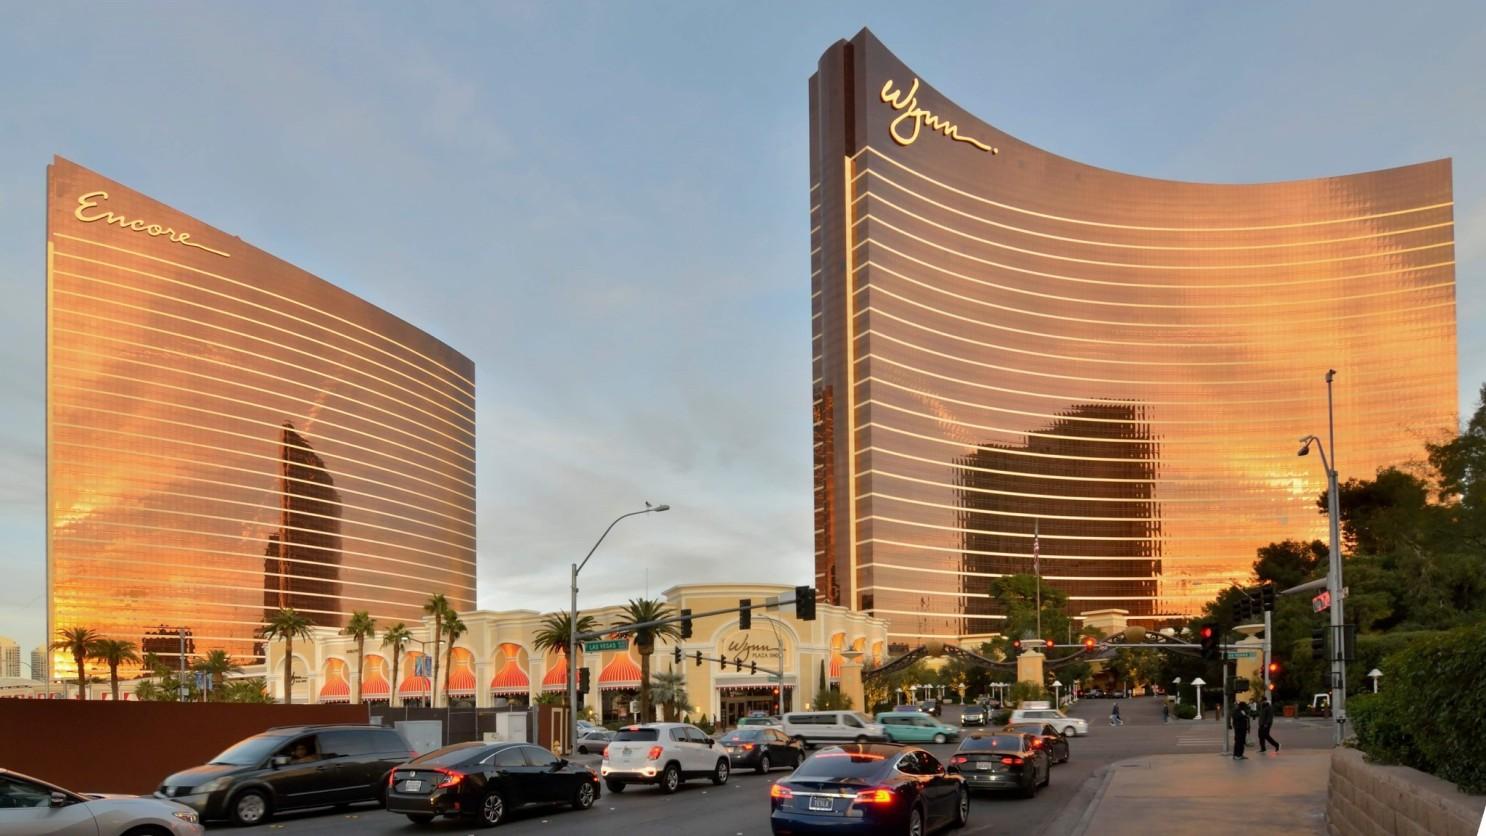 Newest Casino In Las Vegas